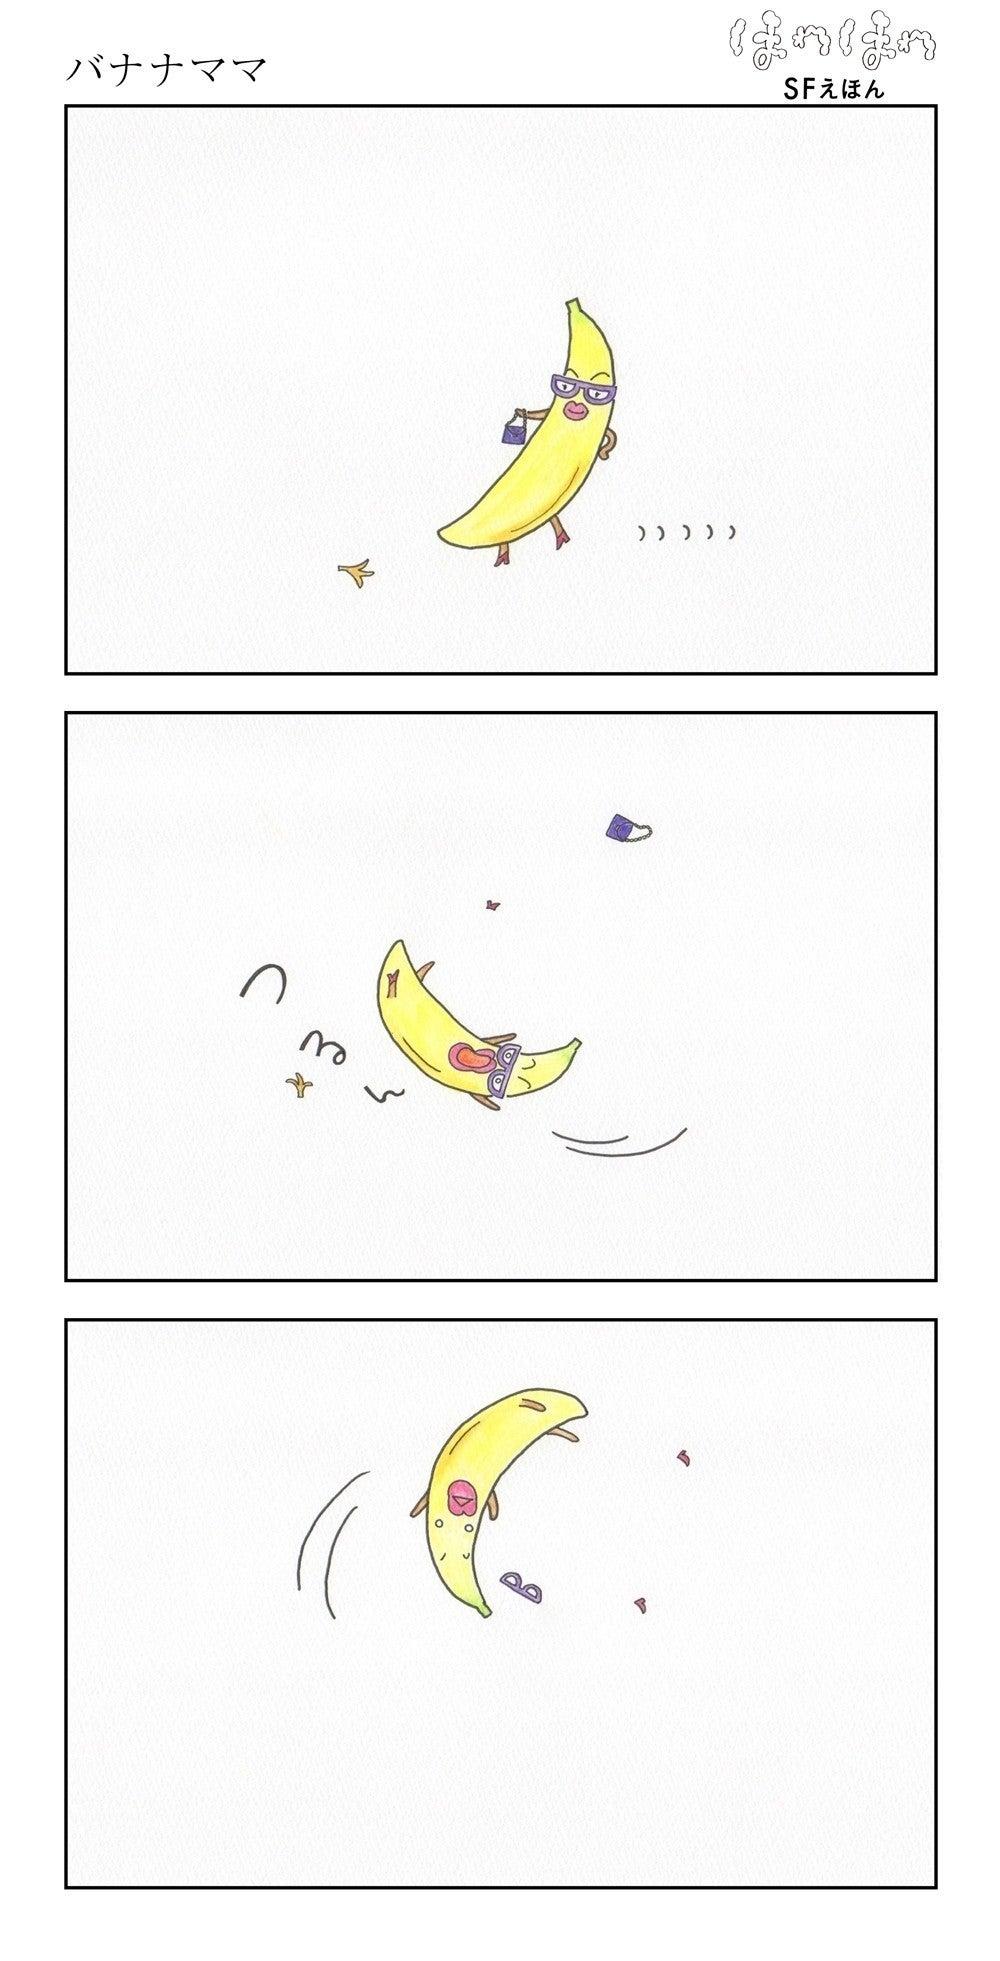 コマ-バナナママ1